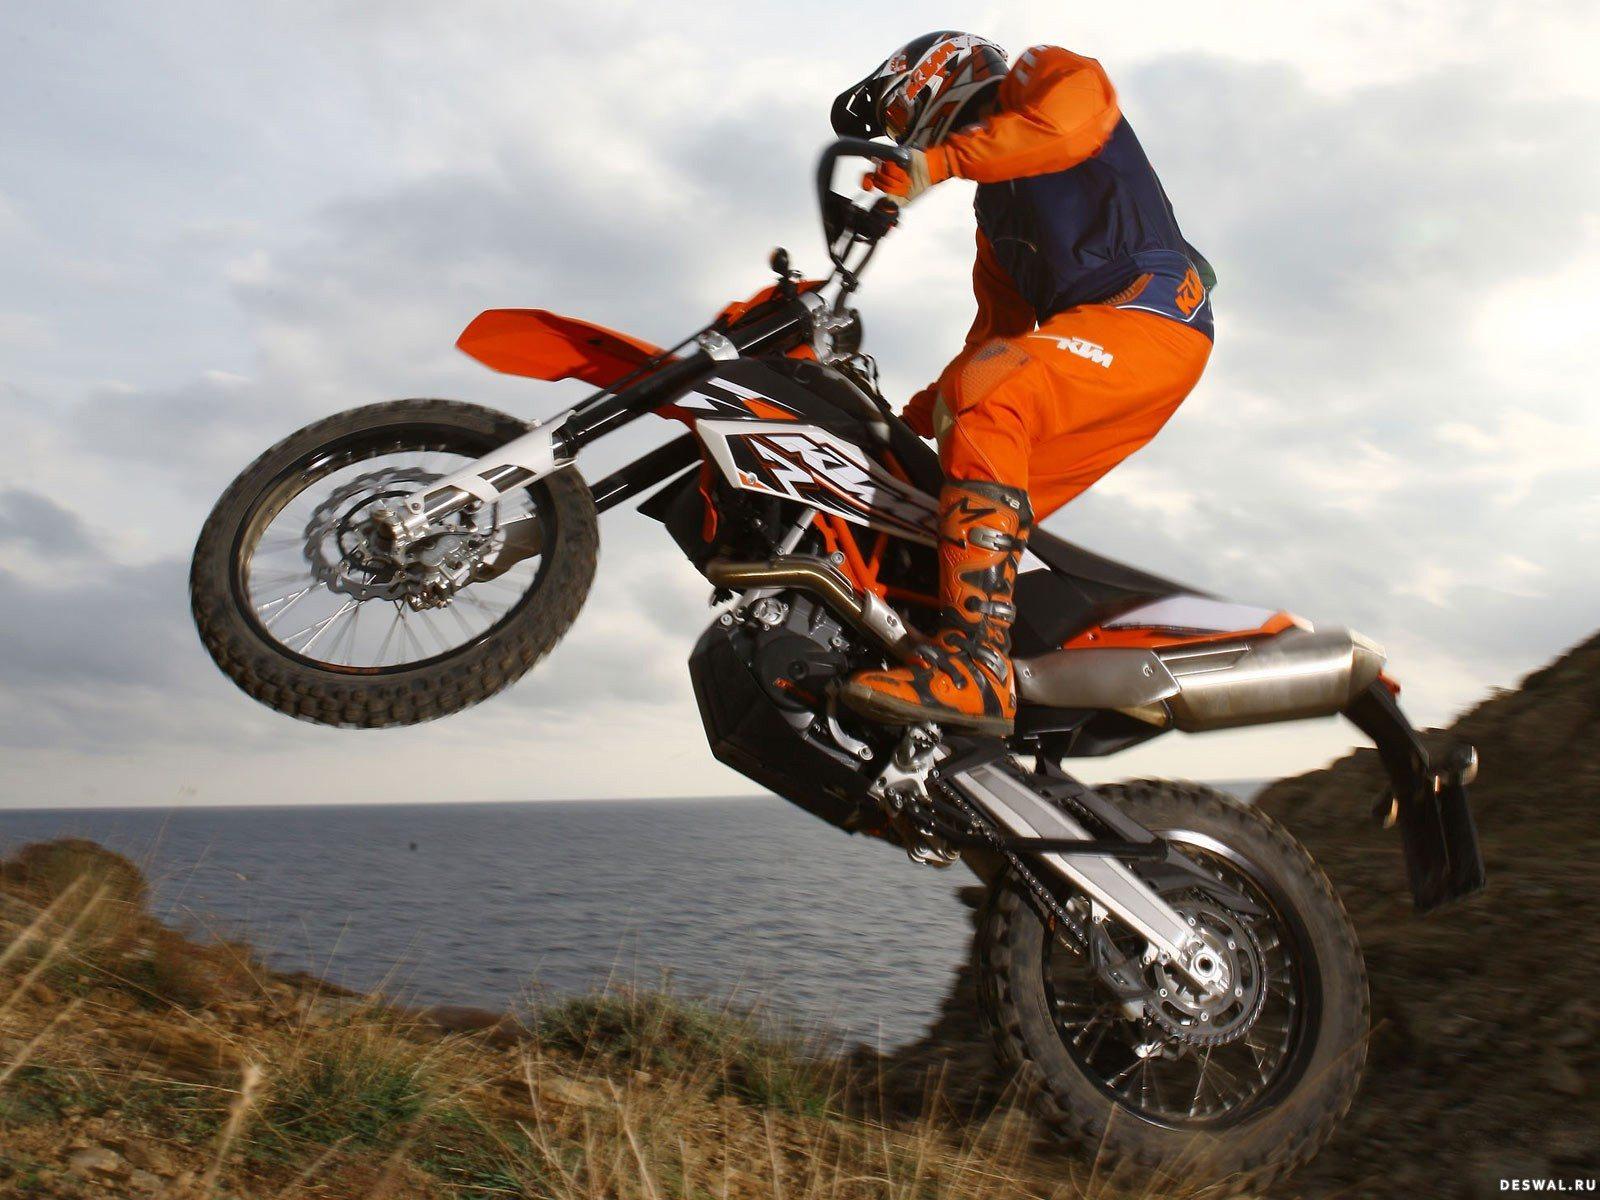 Мотоцикл КТМ на бесплатной фотографии. Нажмите на картинку с обоями мотоцикла ktm, чтобы просмотреть ее в реальном размере